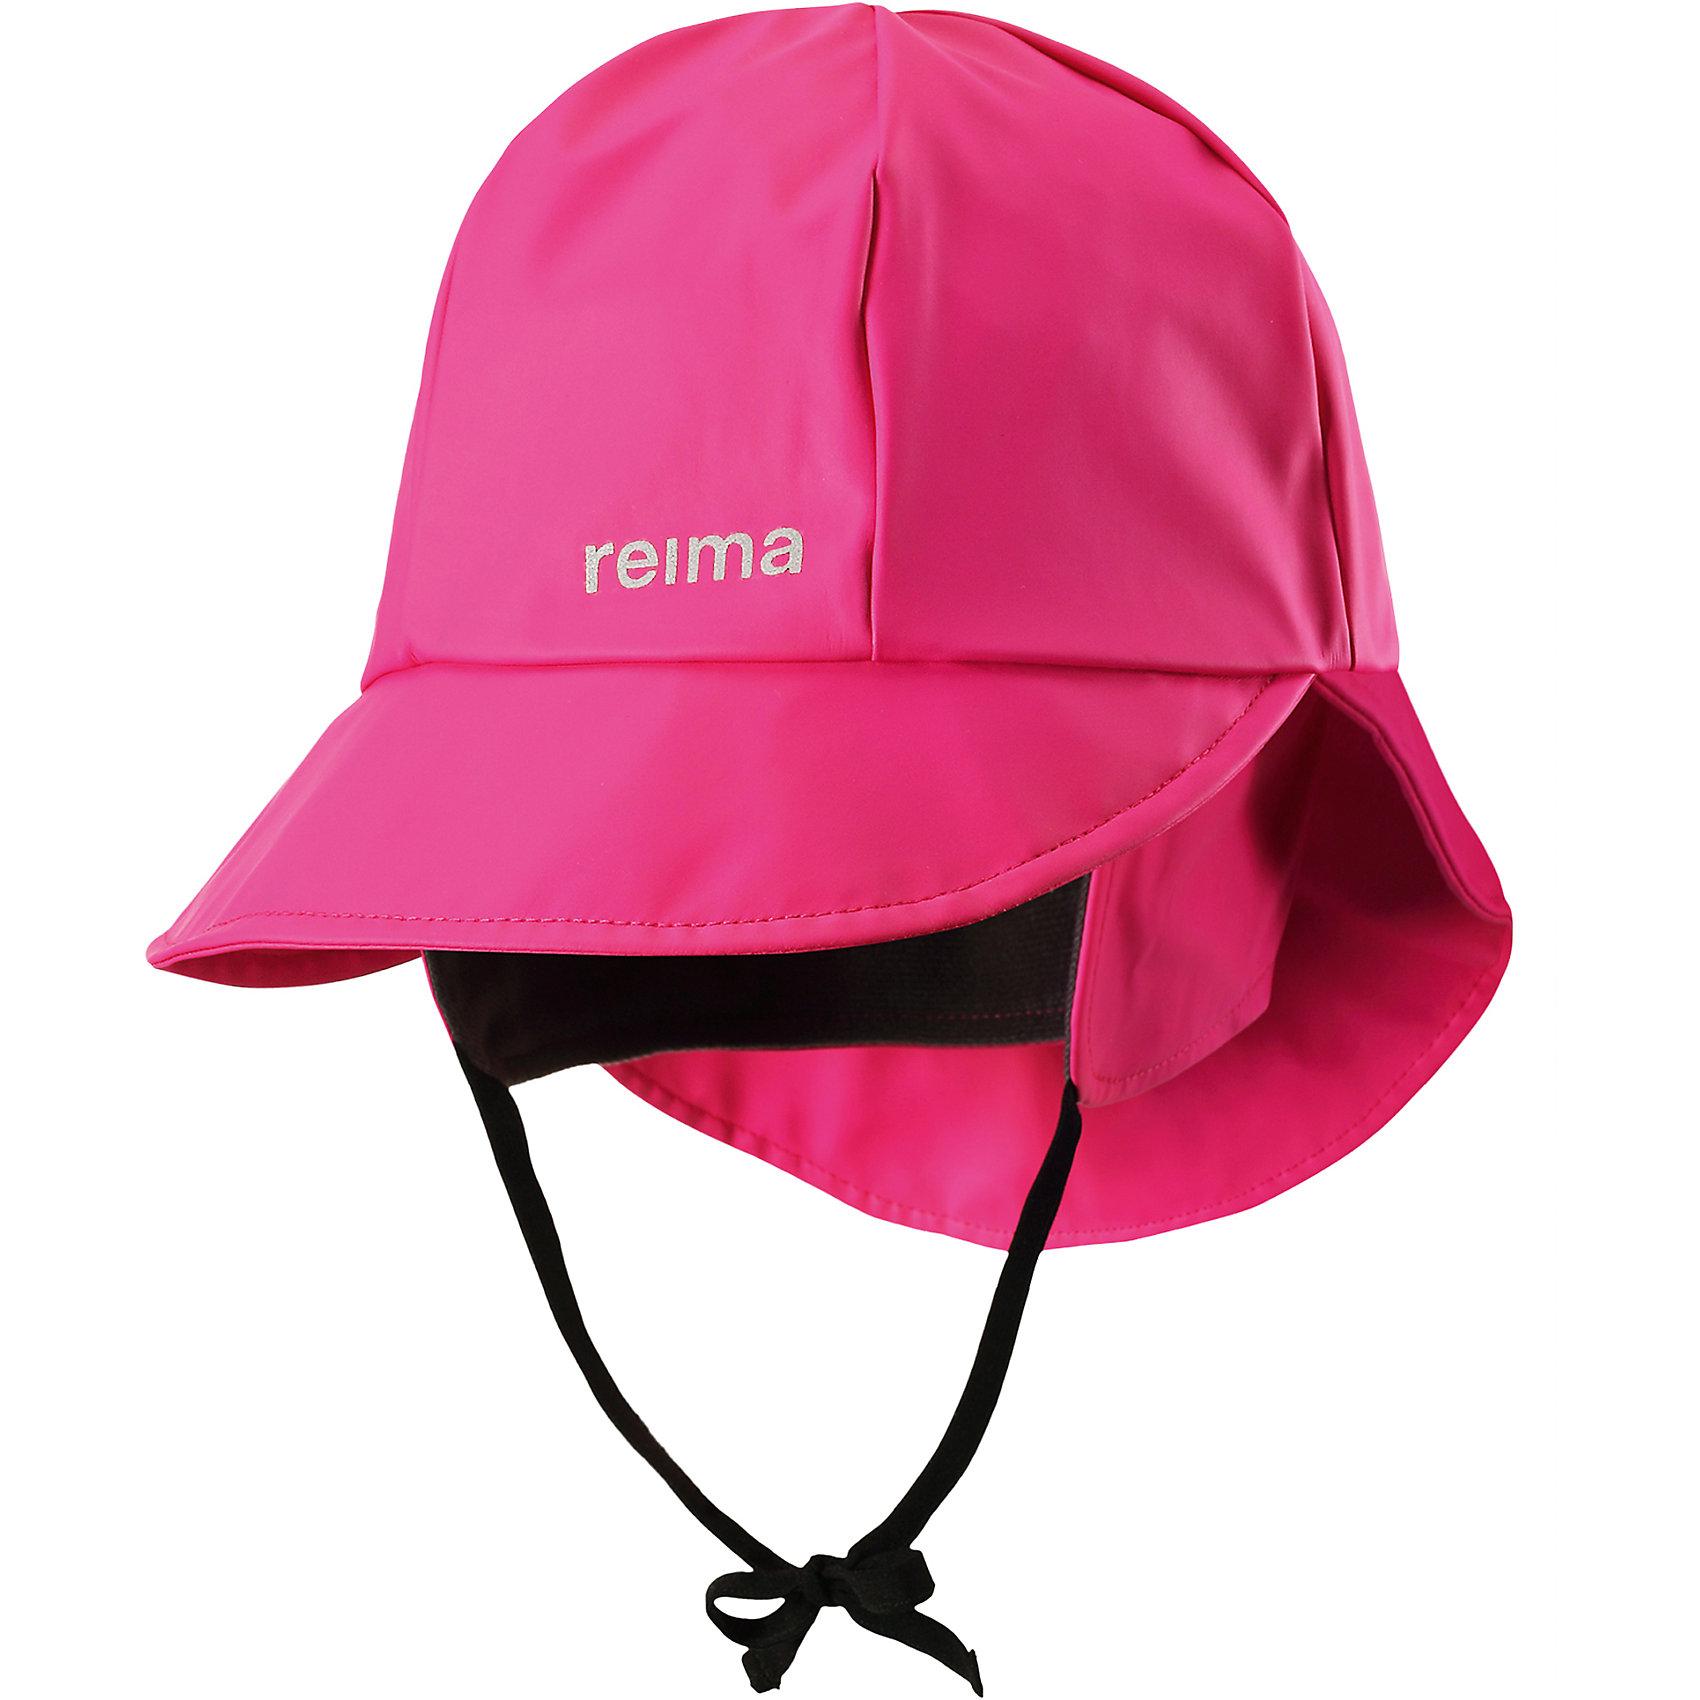 Непромокаемая шапка Rainy для девочки ReimaШапки и шарфы<br>Характеристики товара:<br><br>• цвет: розовый<br>• шапка-дождевик<br>• непромокаемая<br>• состав: 100% полиэстер, полиуретановое покрытие<br>• эластичный материал<br>• швы запаяны<br>• без подкладки<br>• защита ушей от ветра<br>• принт с логотипом<br>• комфортная посадка<br>• страна производства: Китай<br>• страна бренда: Финляндия<br>• коллекция: весна-лето 2017<br><br>Детский головной убор может быть модным и удобным одновременно! Стильная шапка поможет обеспечить ребенку комфорт и дополнить наряд. Она отлично смотрится с различной одеждой. Шапка удобно сидит и аккуратно выглядит. Проста в уходе, долго служит. Стильный дизайн разрабатывался специально для детей. Отличная защита от дождя и ветра!<br><br>Одежда и обувь от финского бренда Reima пользуется популярностью во многих странах. Эти изделия стильные, качественные и удобные. Для производства продукции используются только безопасные, проверенные материалы и фурнитура. Порадуйте ребенка модными и красивыми вещами от Reima! <br><br>Шапку для мальчика от финского бренда Reima (Рейма) можно купить в нашем интернет-магазине.<br><br>Ширина мм: 89<br>Глубина мм: 117<br>Высота мм: 44<br>Вес г: 155<br>Цвет: розовый<br>Возраст от месяцев: 6<br>Возраст до месяцев: 9<br>Пол: Женский<br>Возраст: Детский<br>Размер: 46,56,48,50,52,54<br>SKU: 5267992